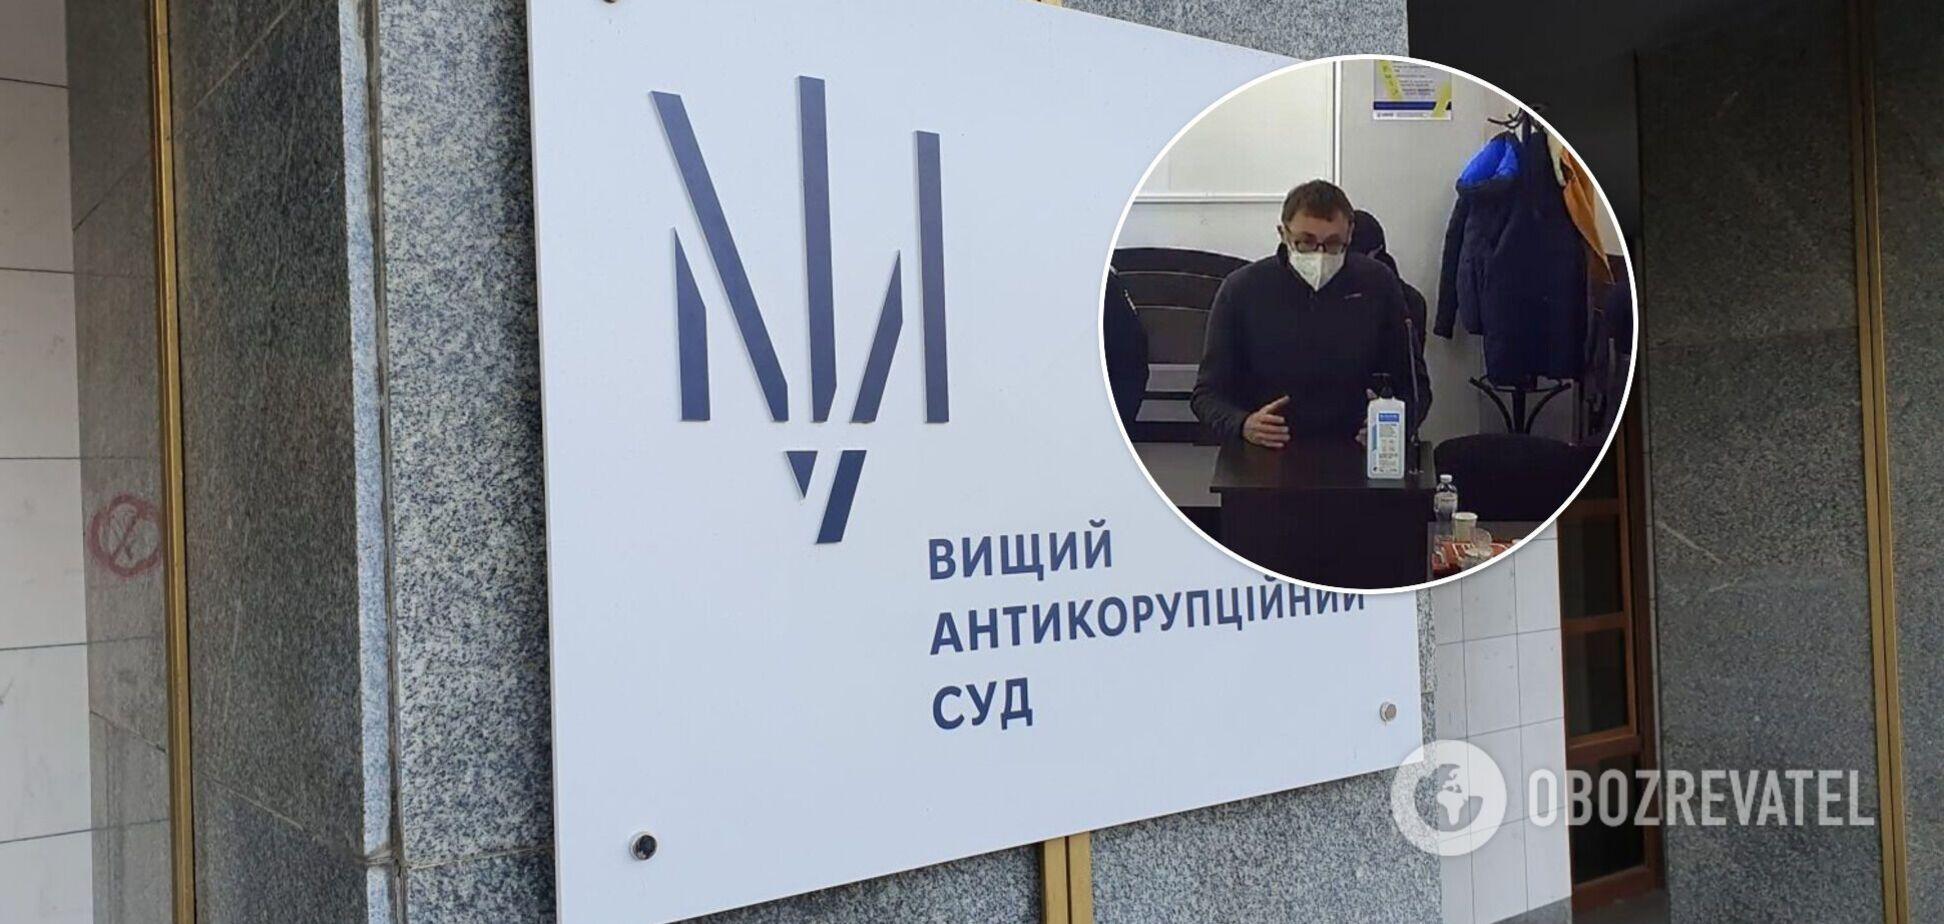 За адвоката, заарештованого у справі брата судді Вовка, внесли заставу